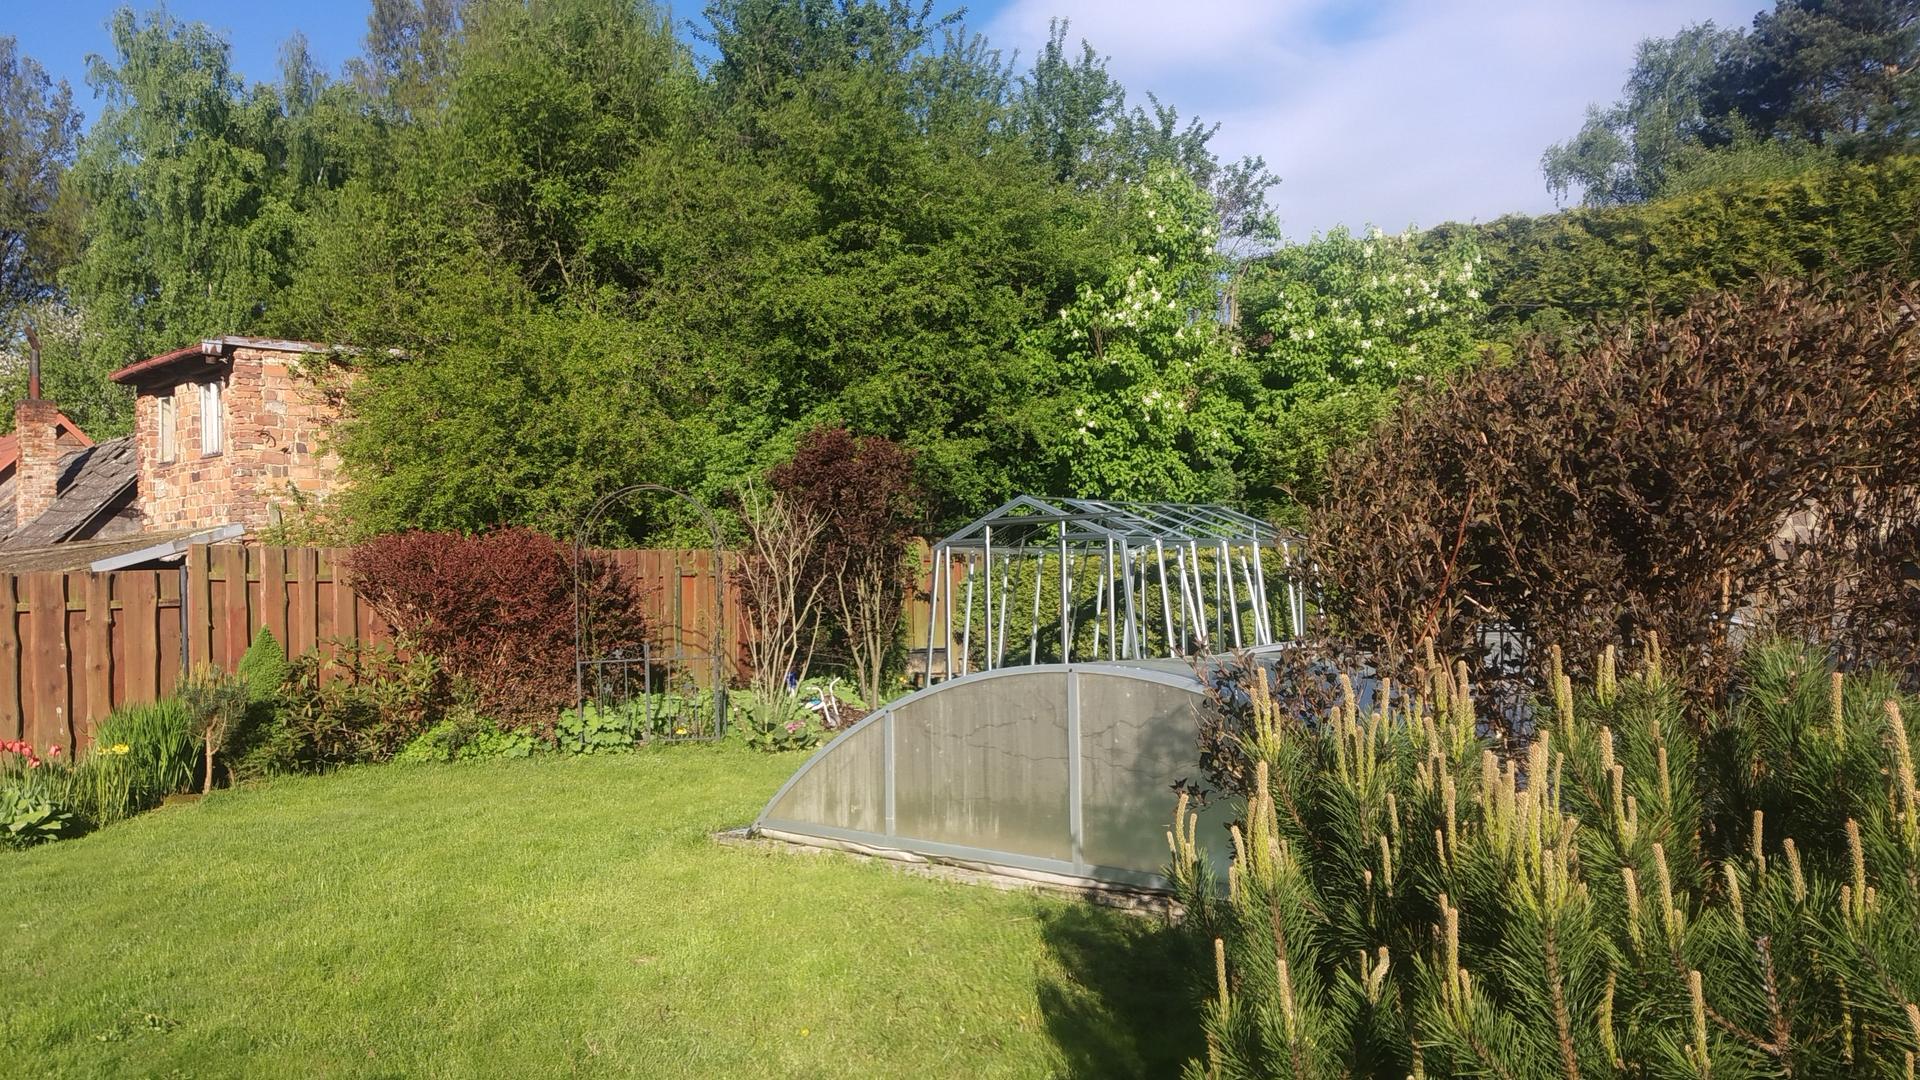 Zahrada 2021 a budování skleníku - Obrázek č. 16